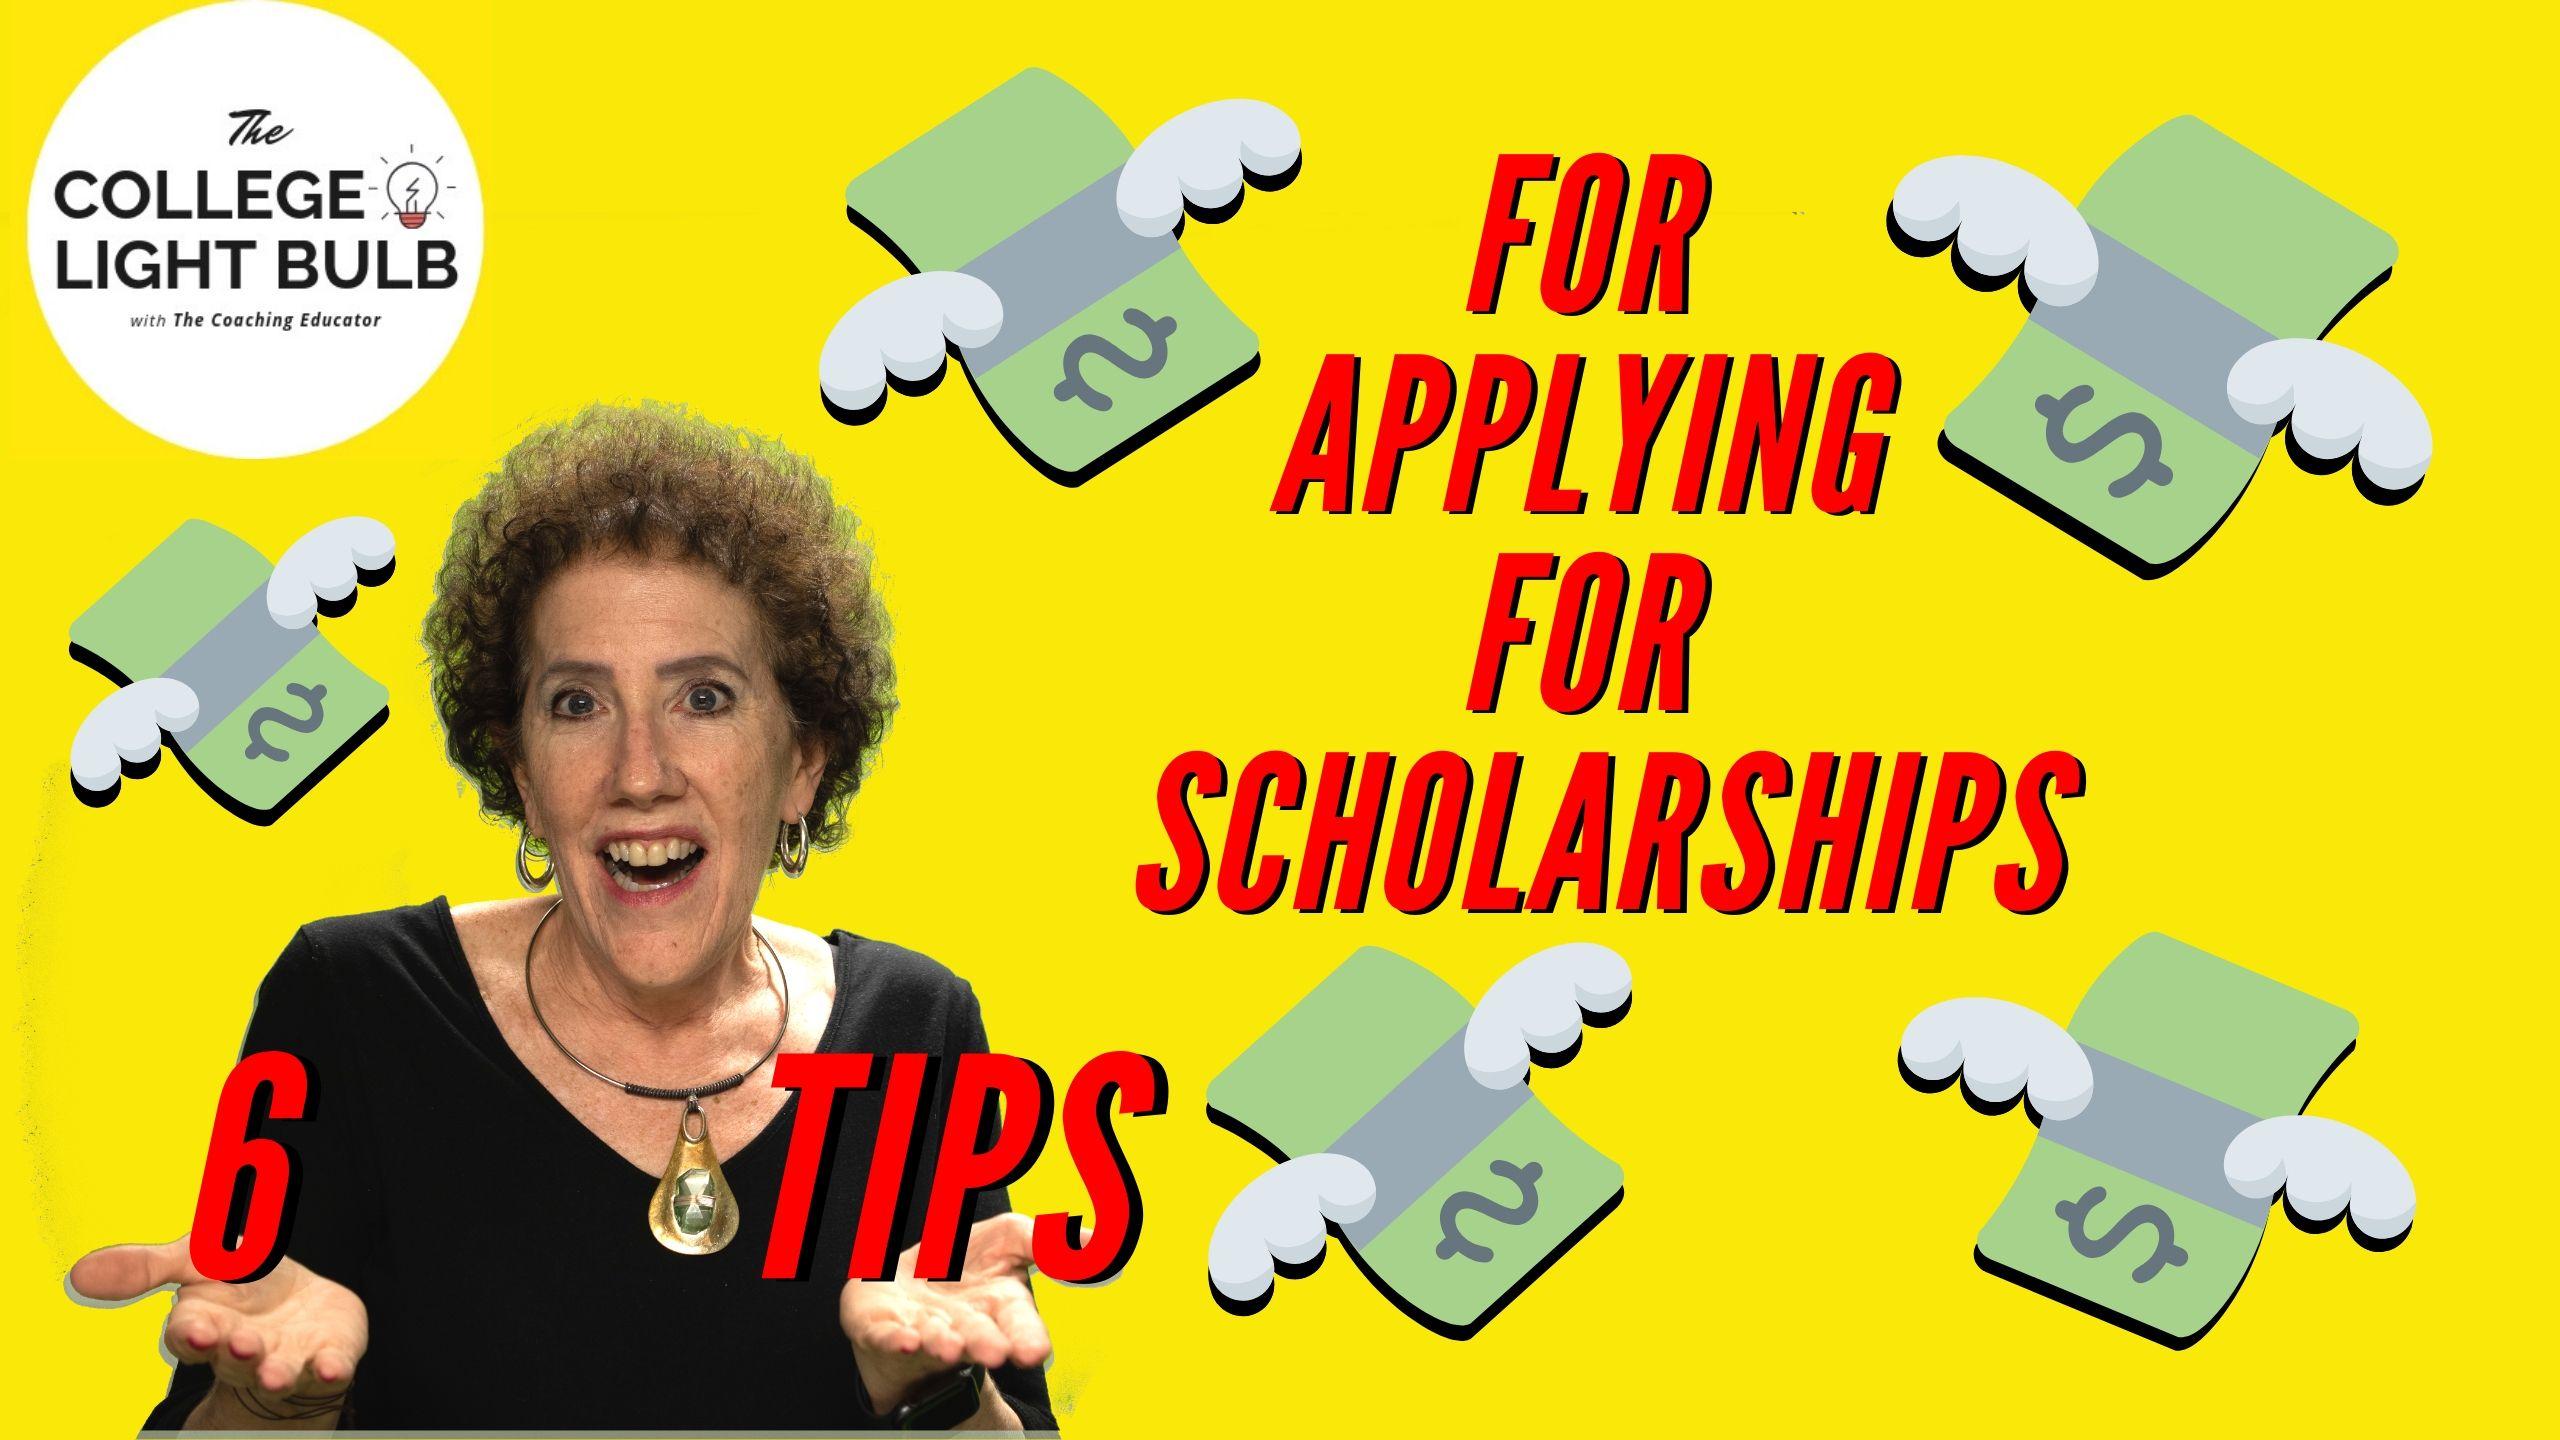 Six Tips for Applying for Scholarships